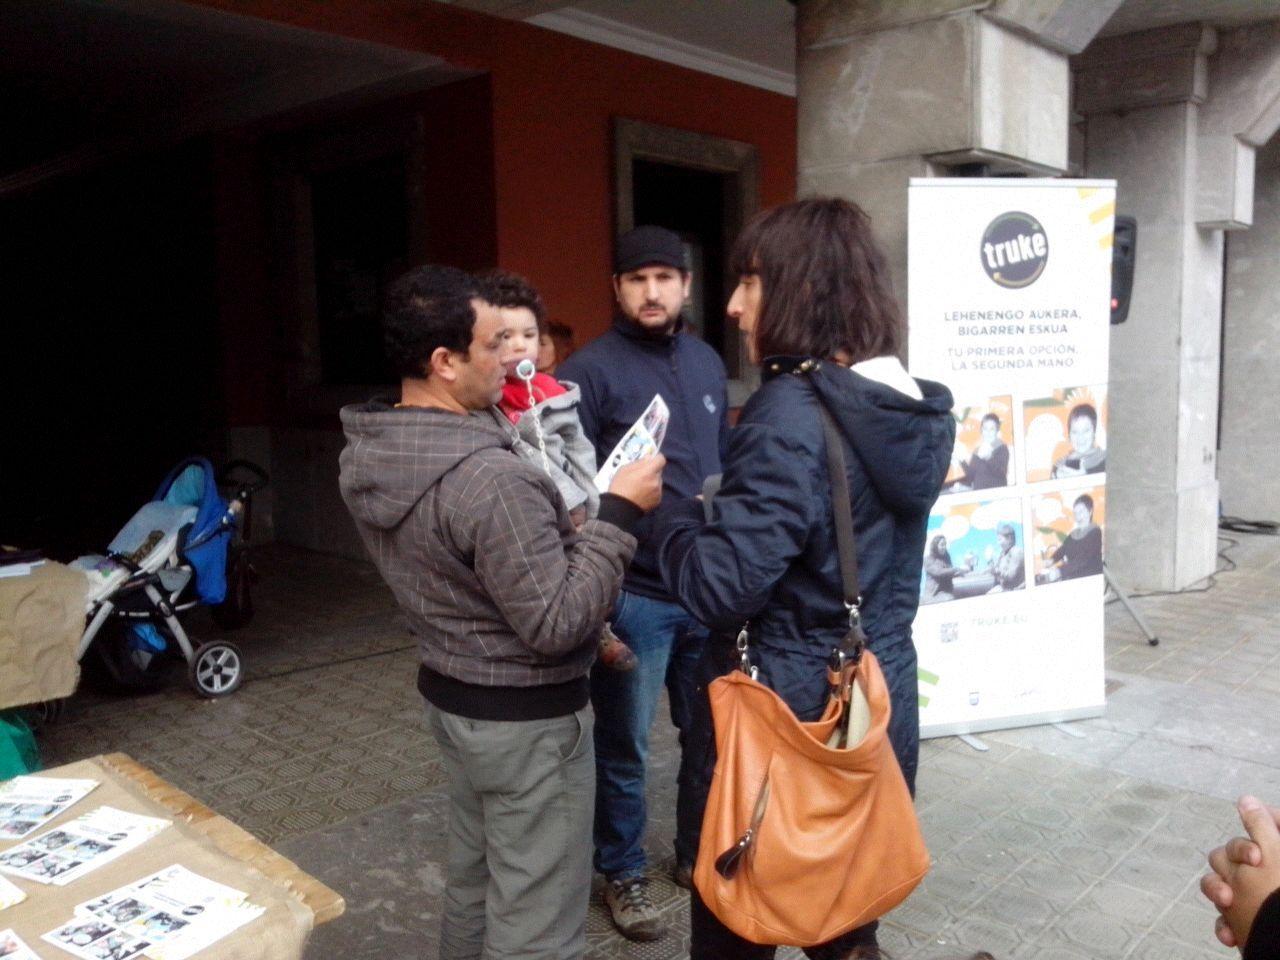 Unos visitantes piden información.